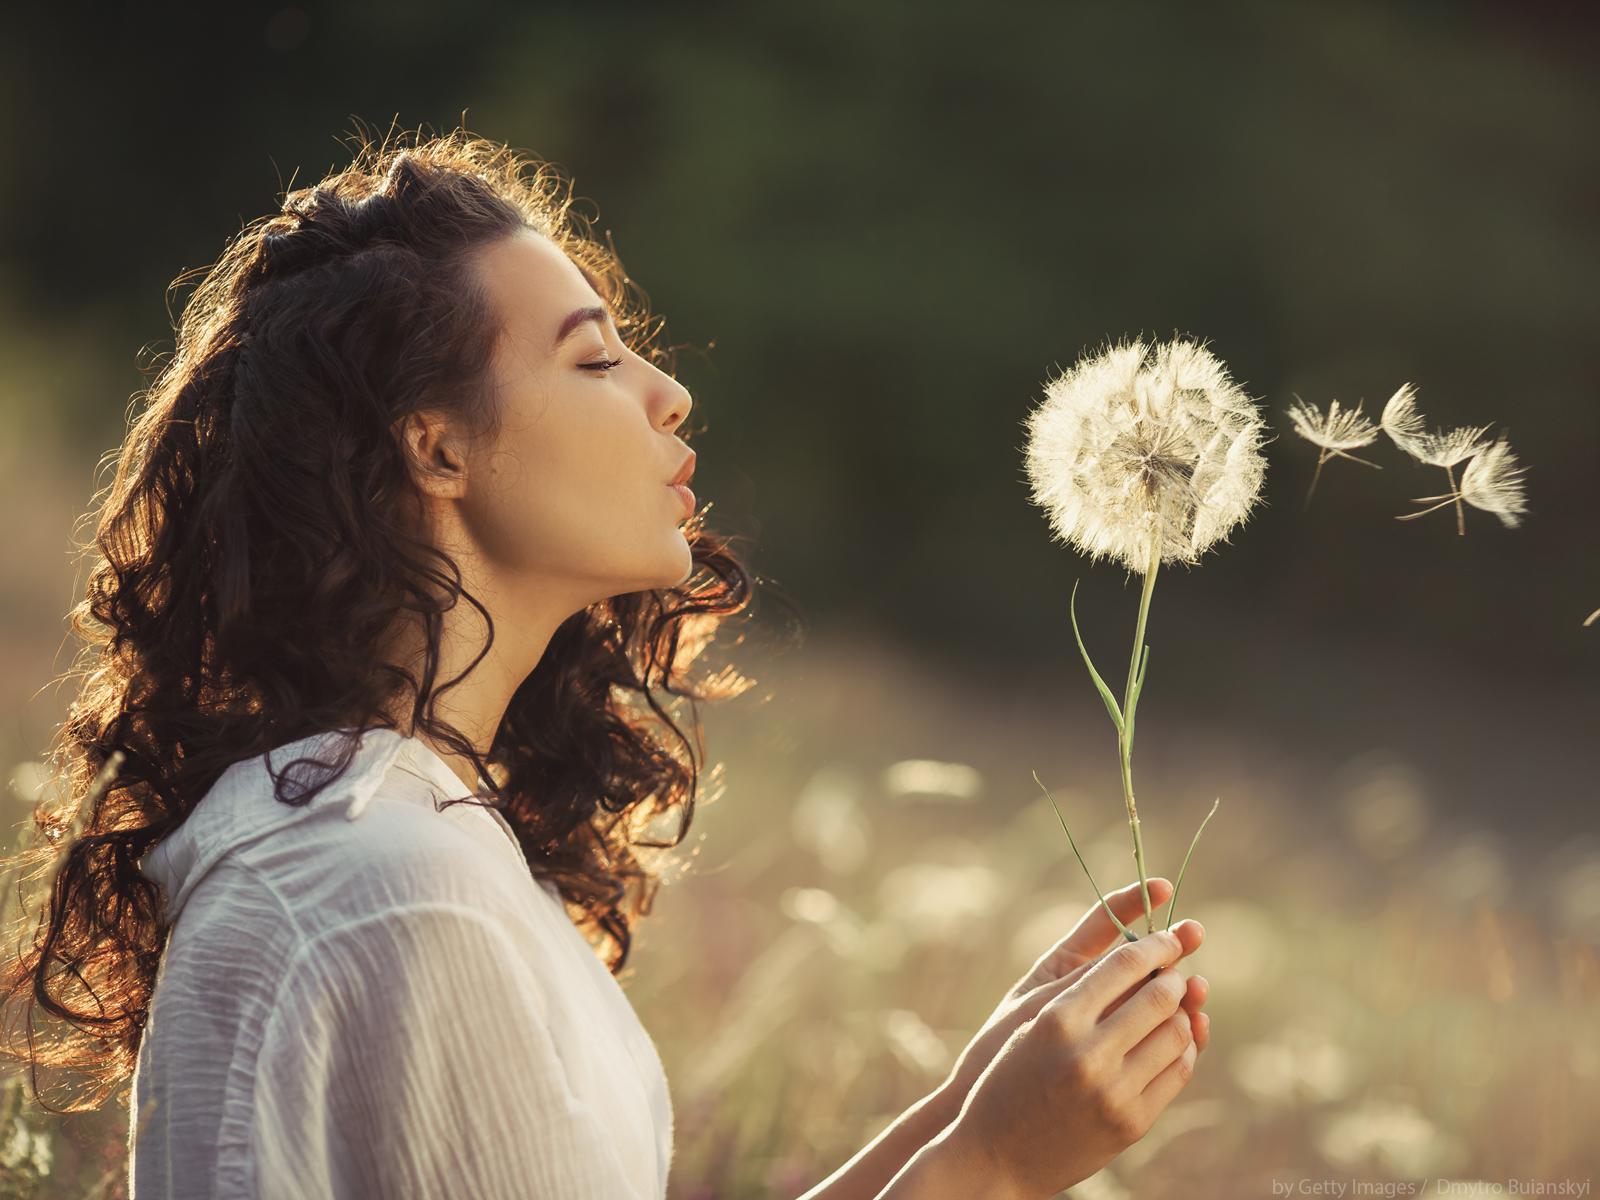 A gente só precisa de coisas simples para ser feliz